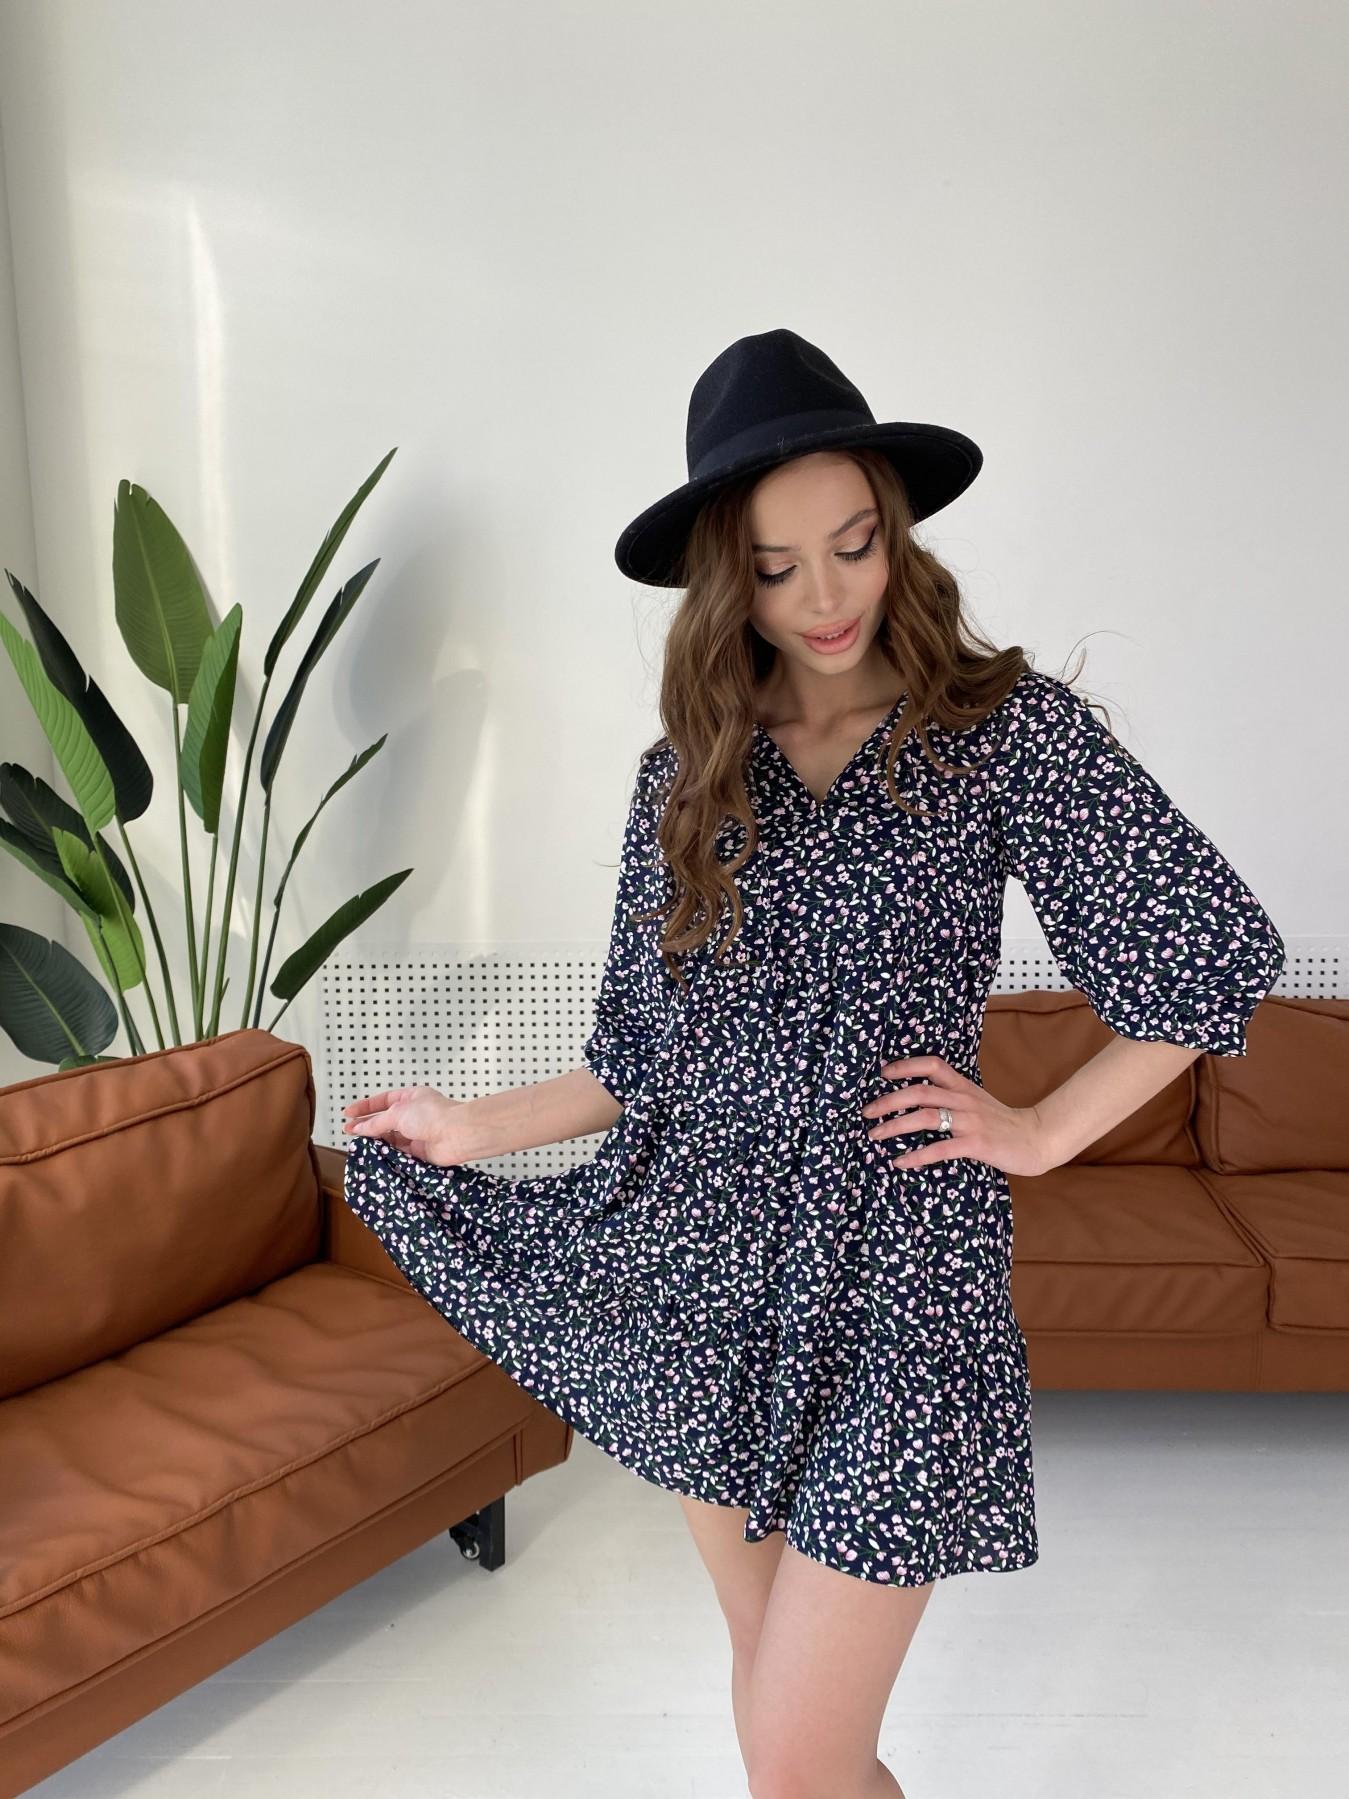 Нинель штапель принт платье 10877 АРТ. 47348 Цвет: Цветы мел т.син/бел/роз - фото 7, интернет магазин tm-modus.ru